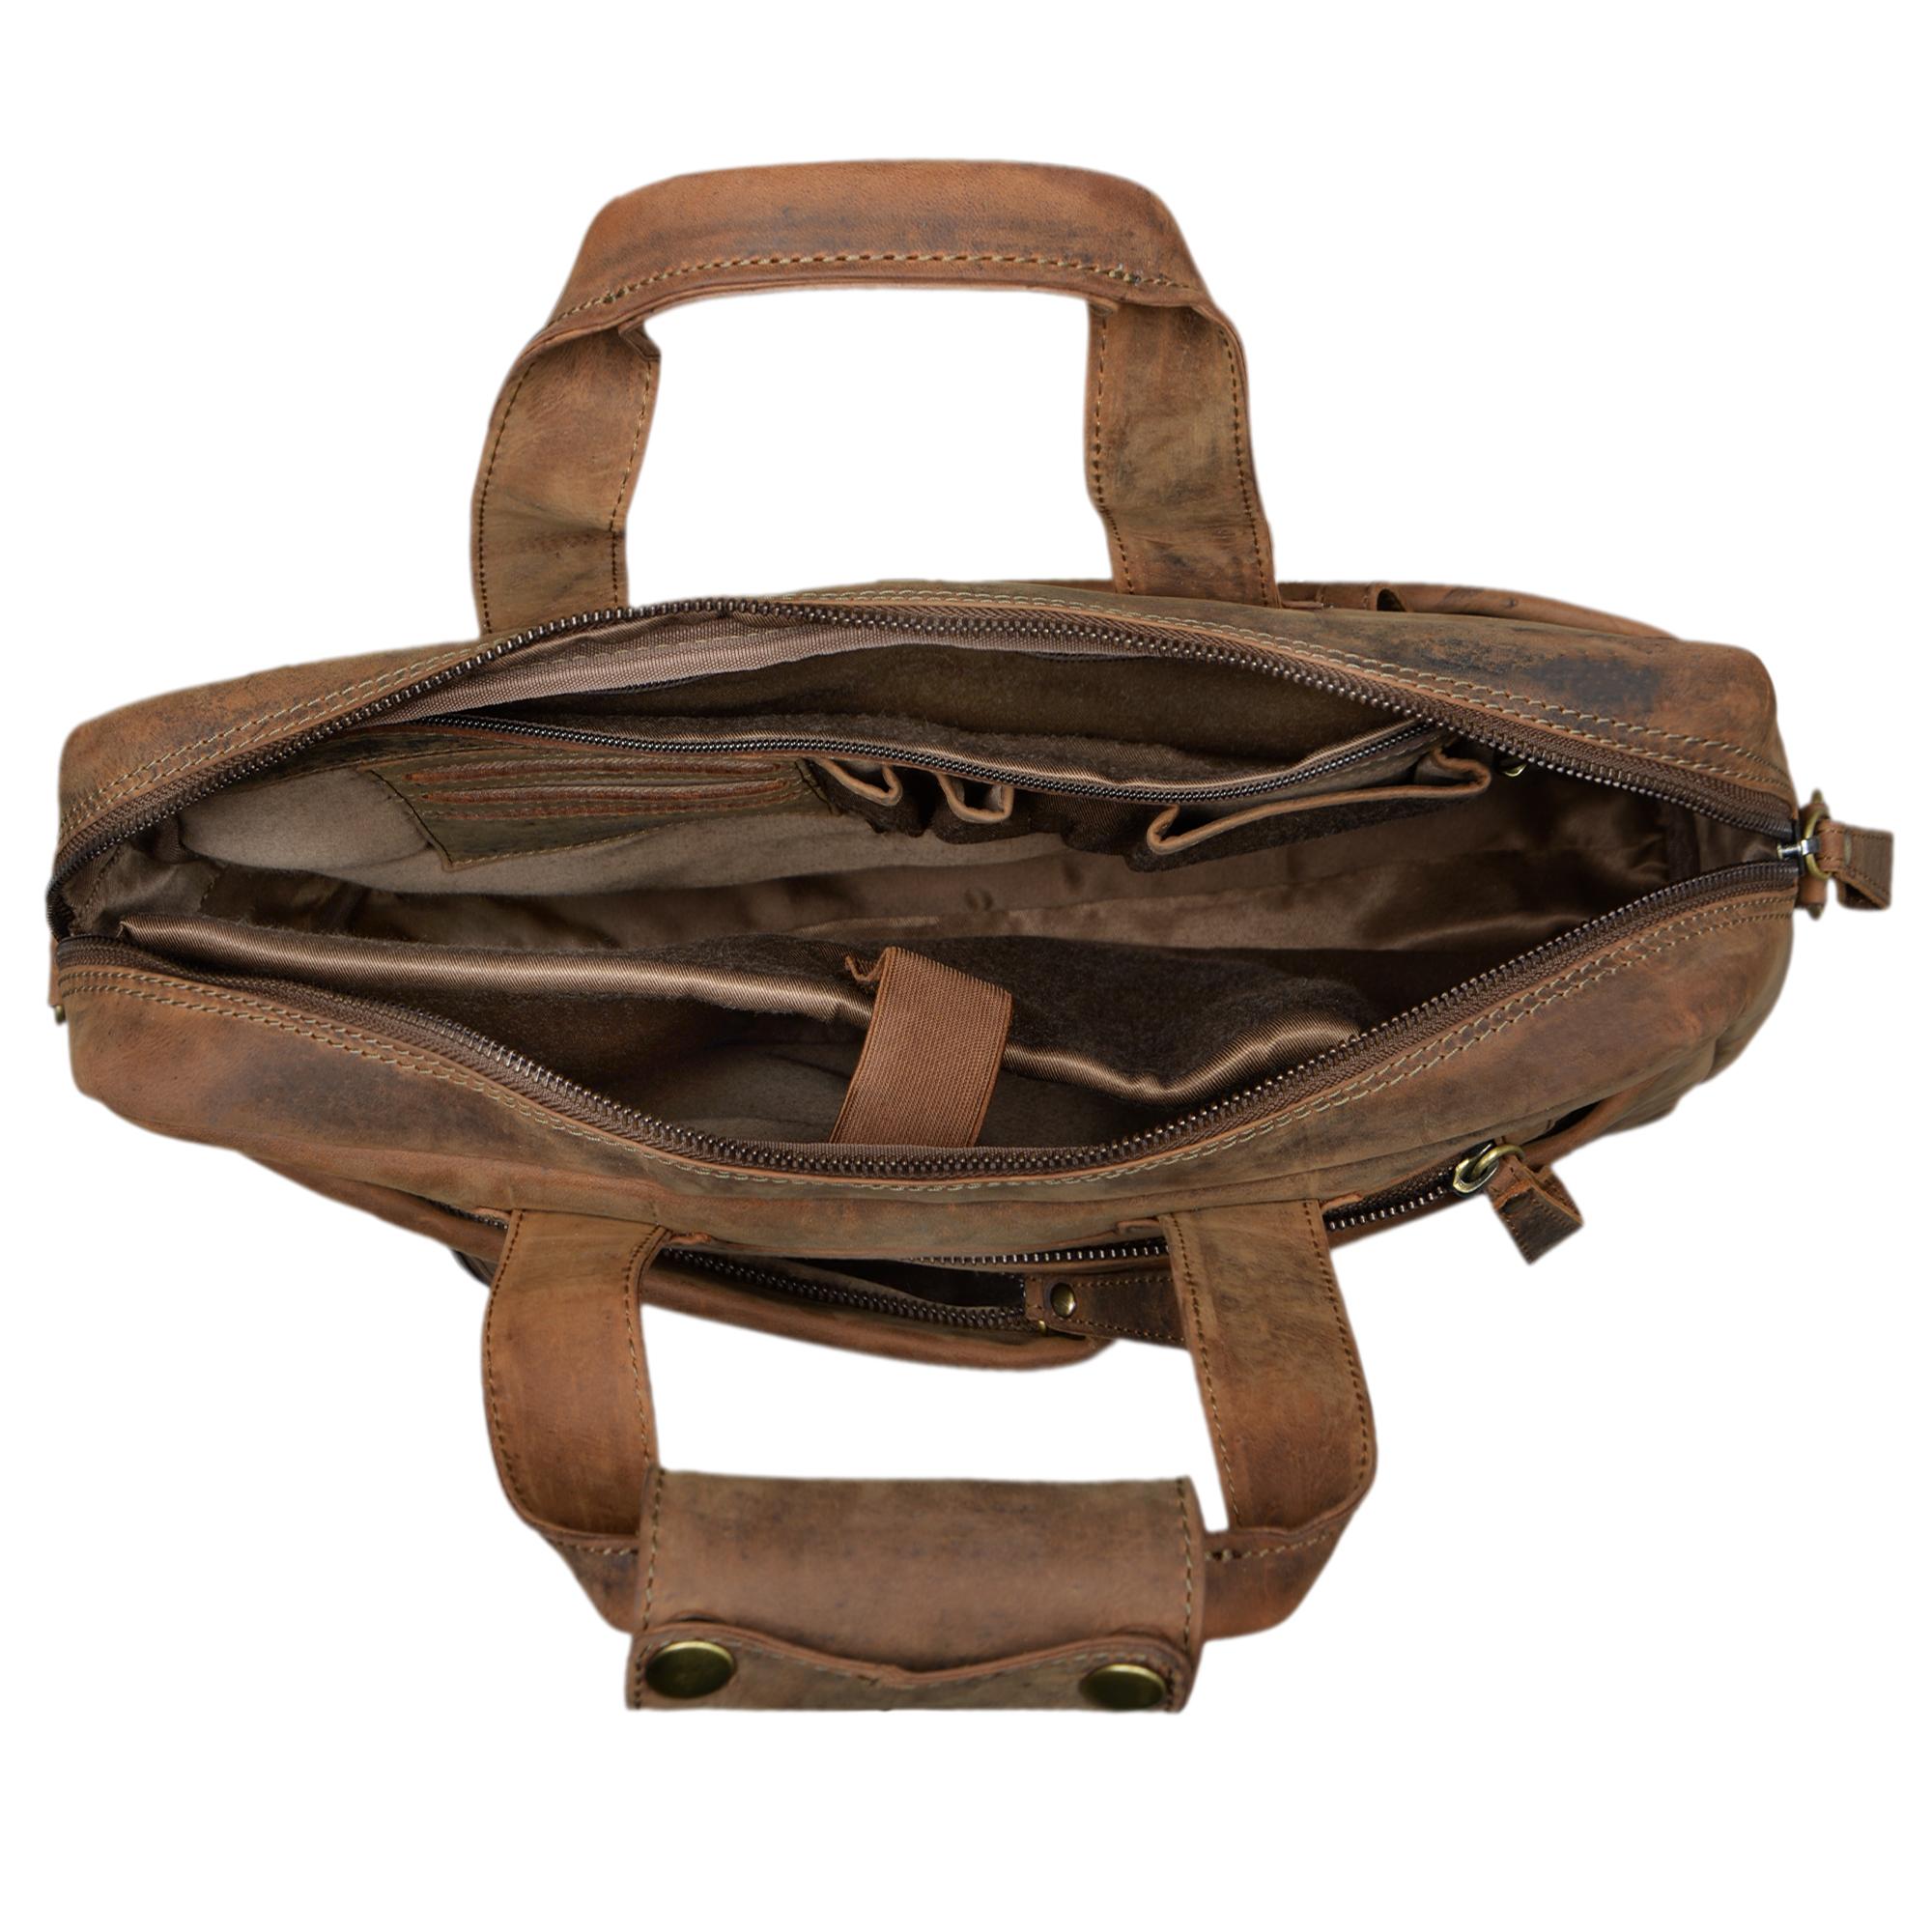 """STILORD """"Patrice"""" Große Leder Umhängetasche Herren Vintage Schultertasche für DIN A4 Ordner Businesstasche mit 15.6 Zoll Laptopfach Trolley aufsteckbar - Bild 11"""